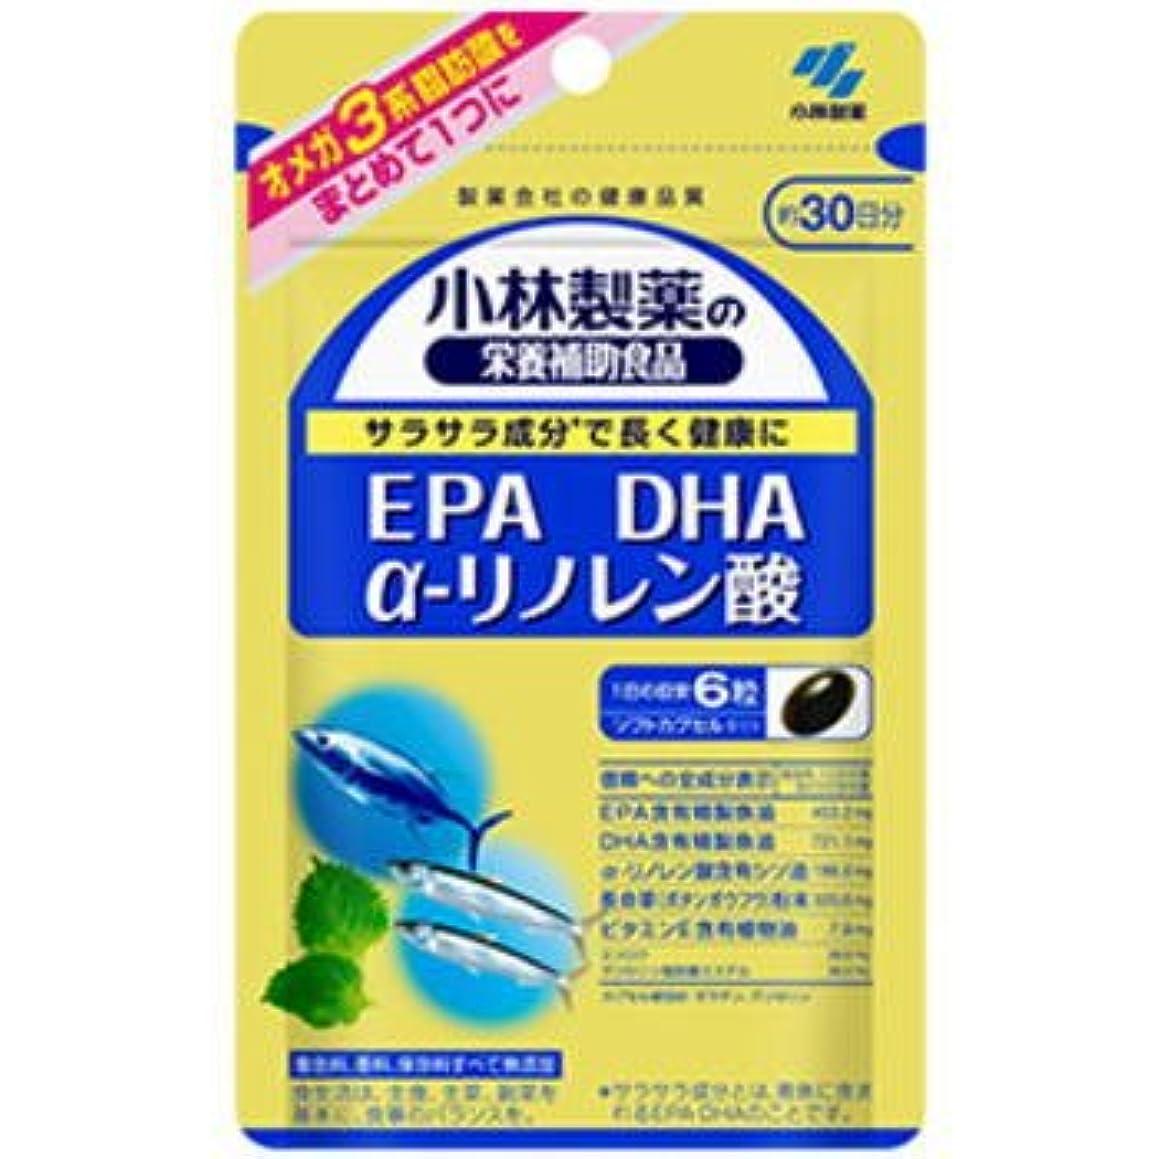 郵便局実際の広告小林製薬 EPA DHA α-リノレン酸 180粒【ネコポス発送】